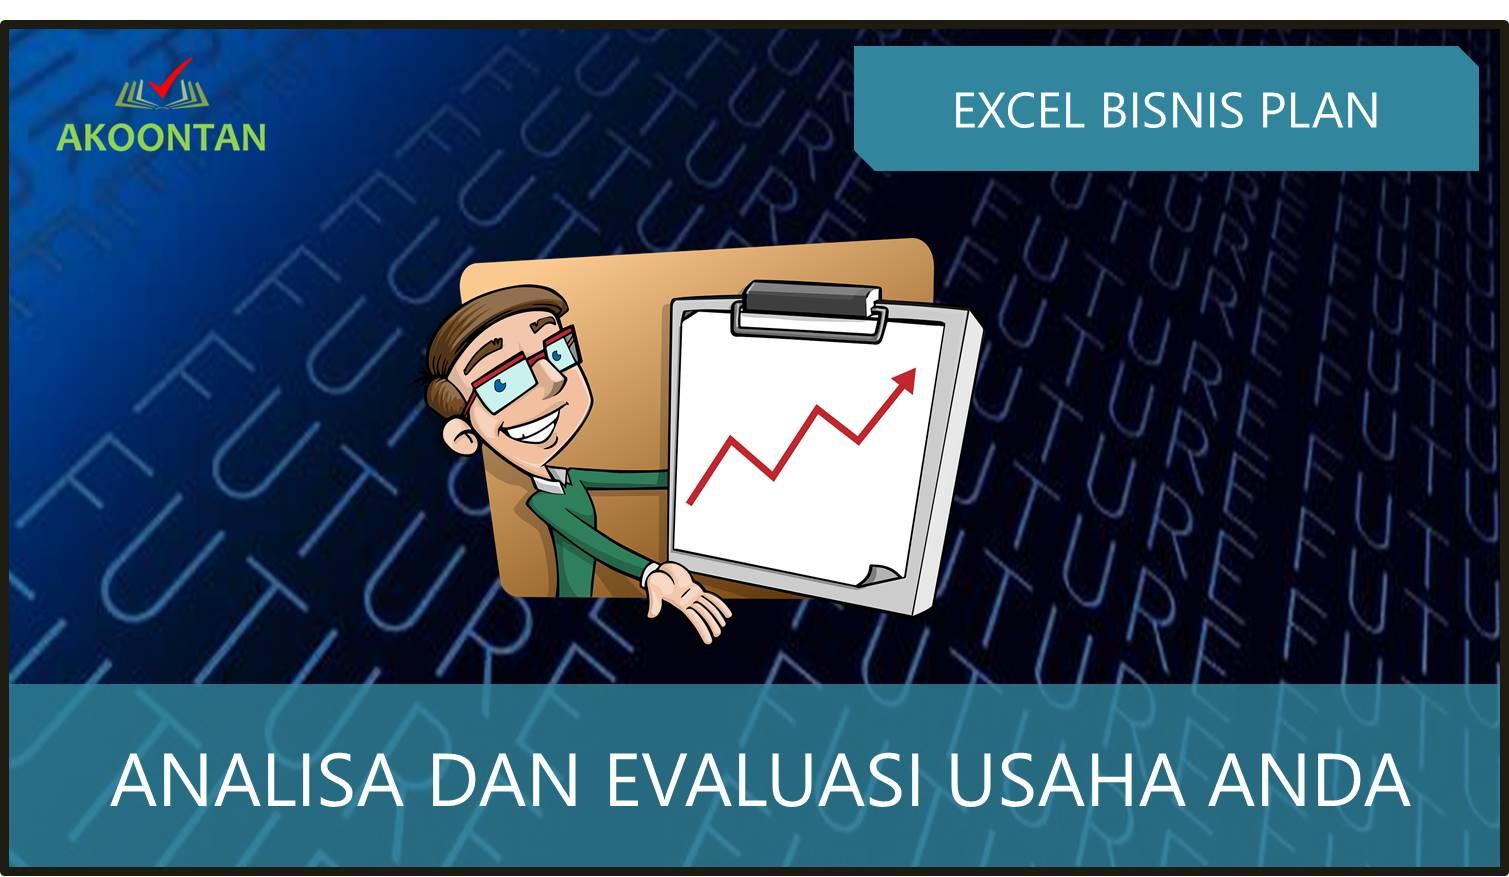 Excel Bisnis Plan dan Analisa Usaha